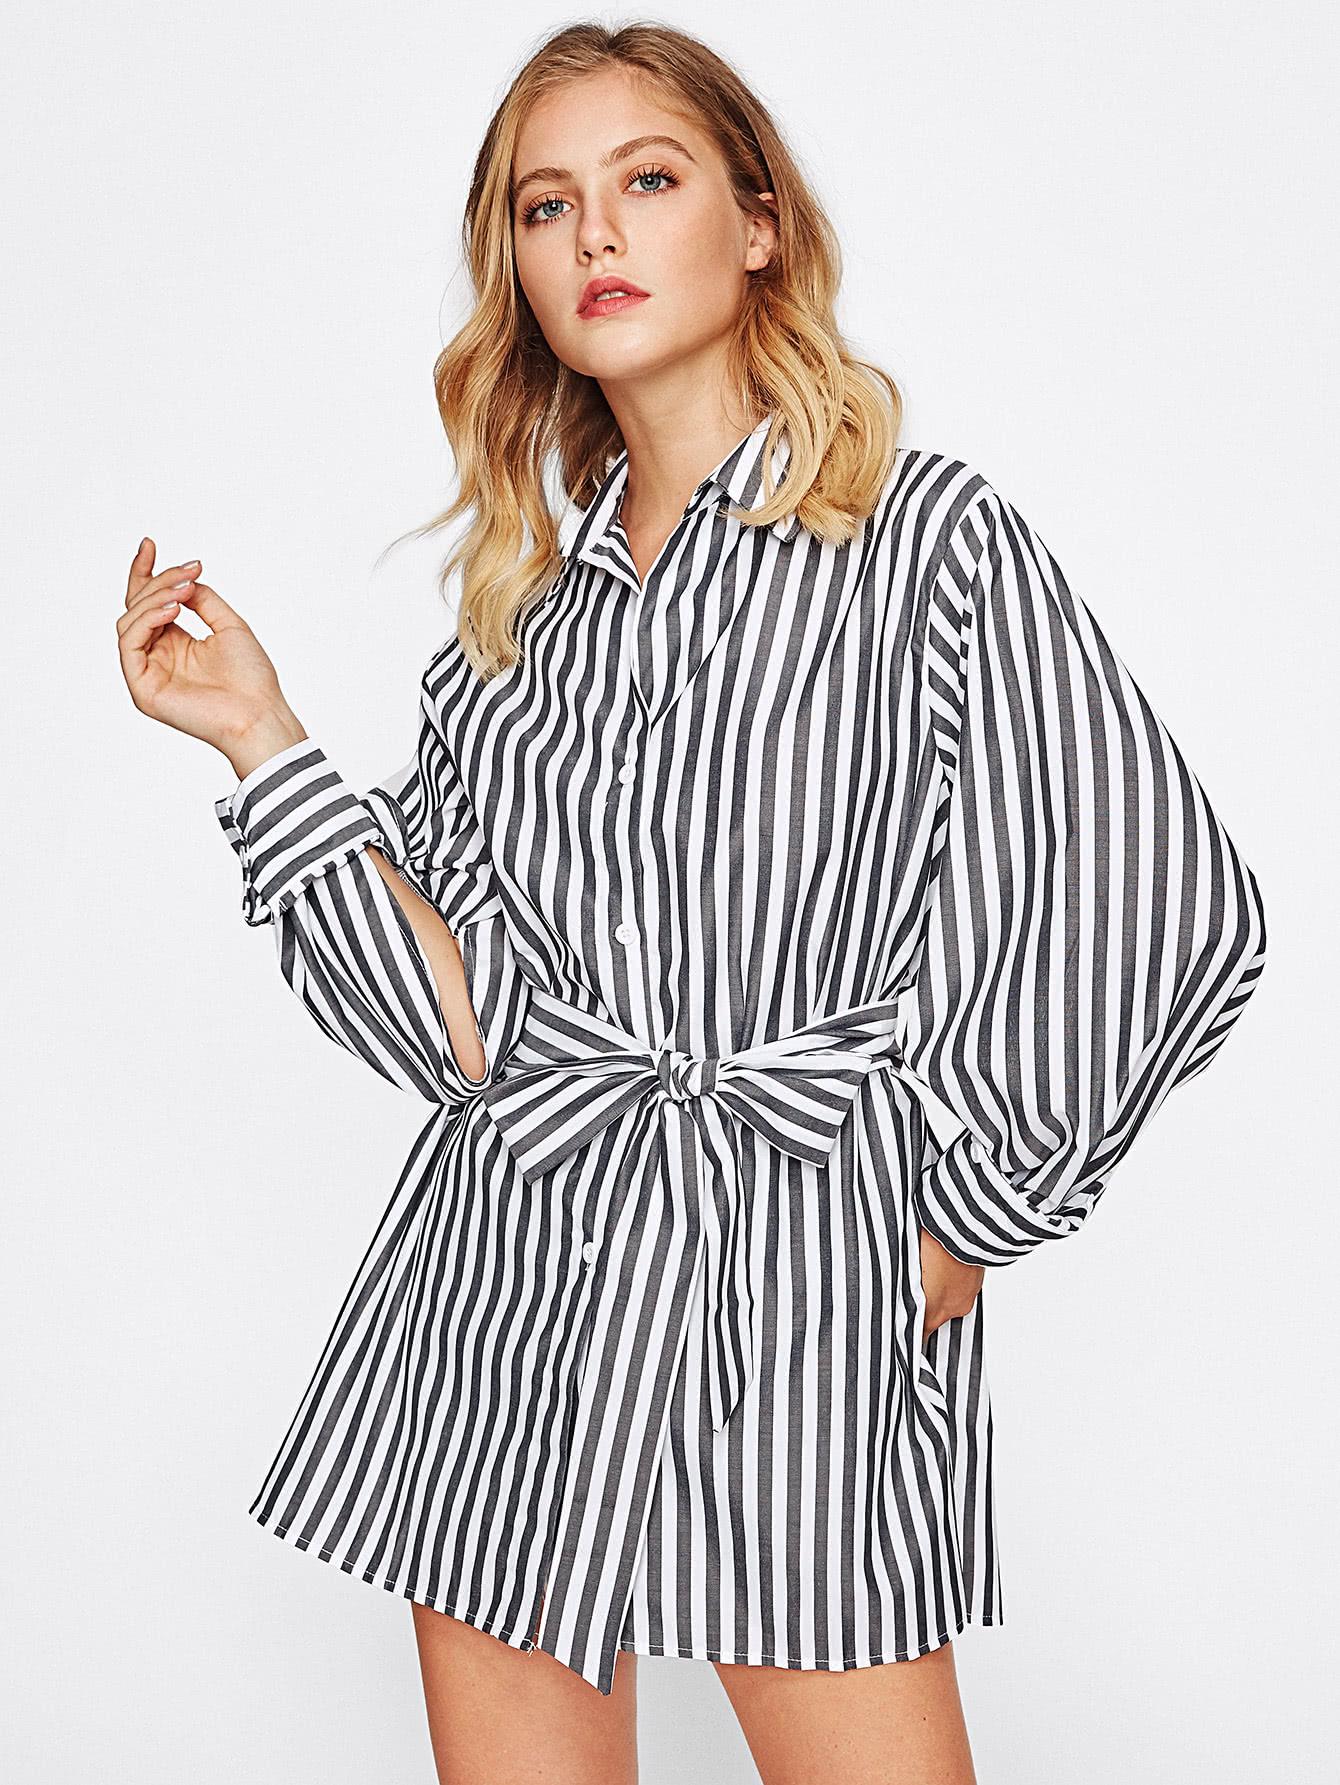 Contrast Striped Slit Side Dip Hem Shirt blouse170808304